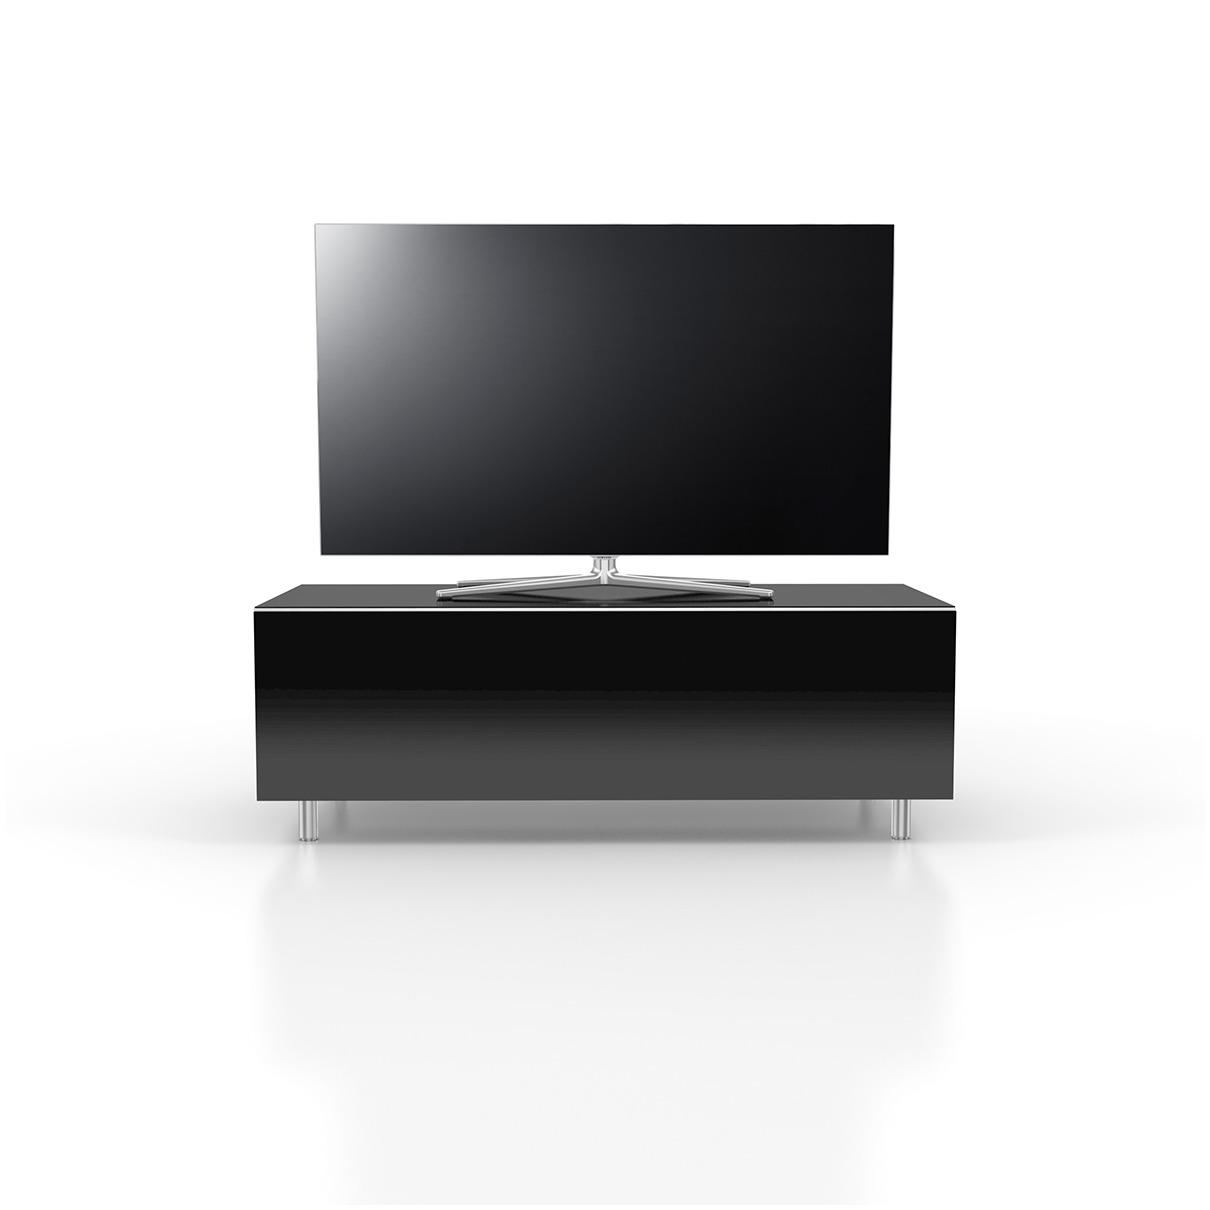 Afbeelding van Just Racks tv meubel JRL1100S-BG zwart